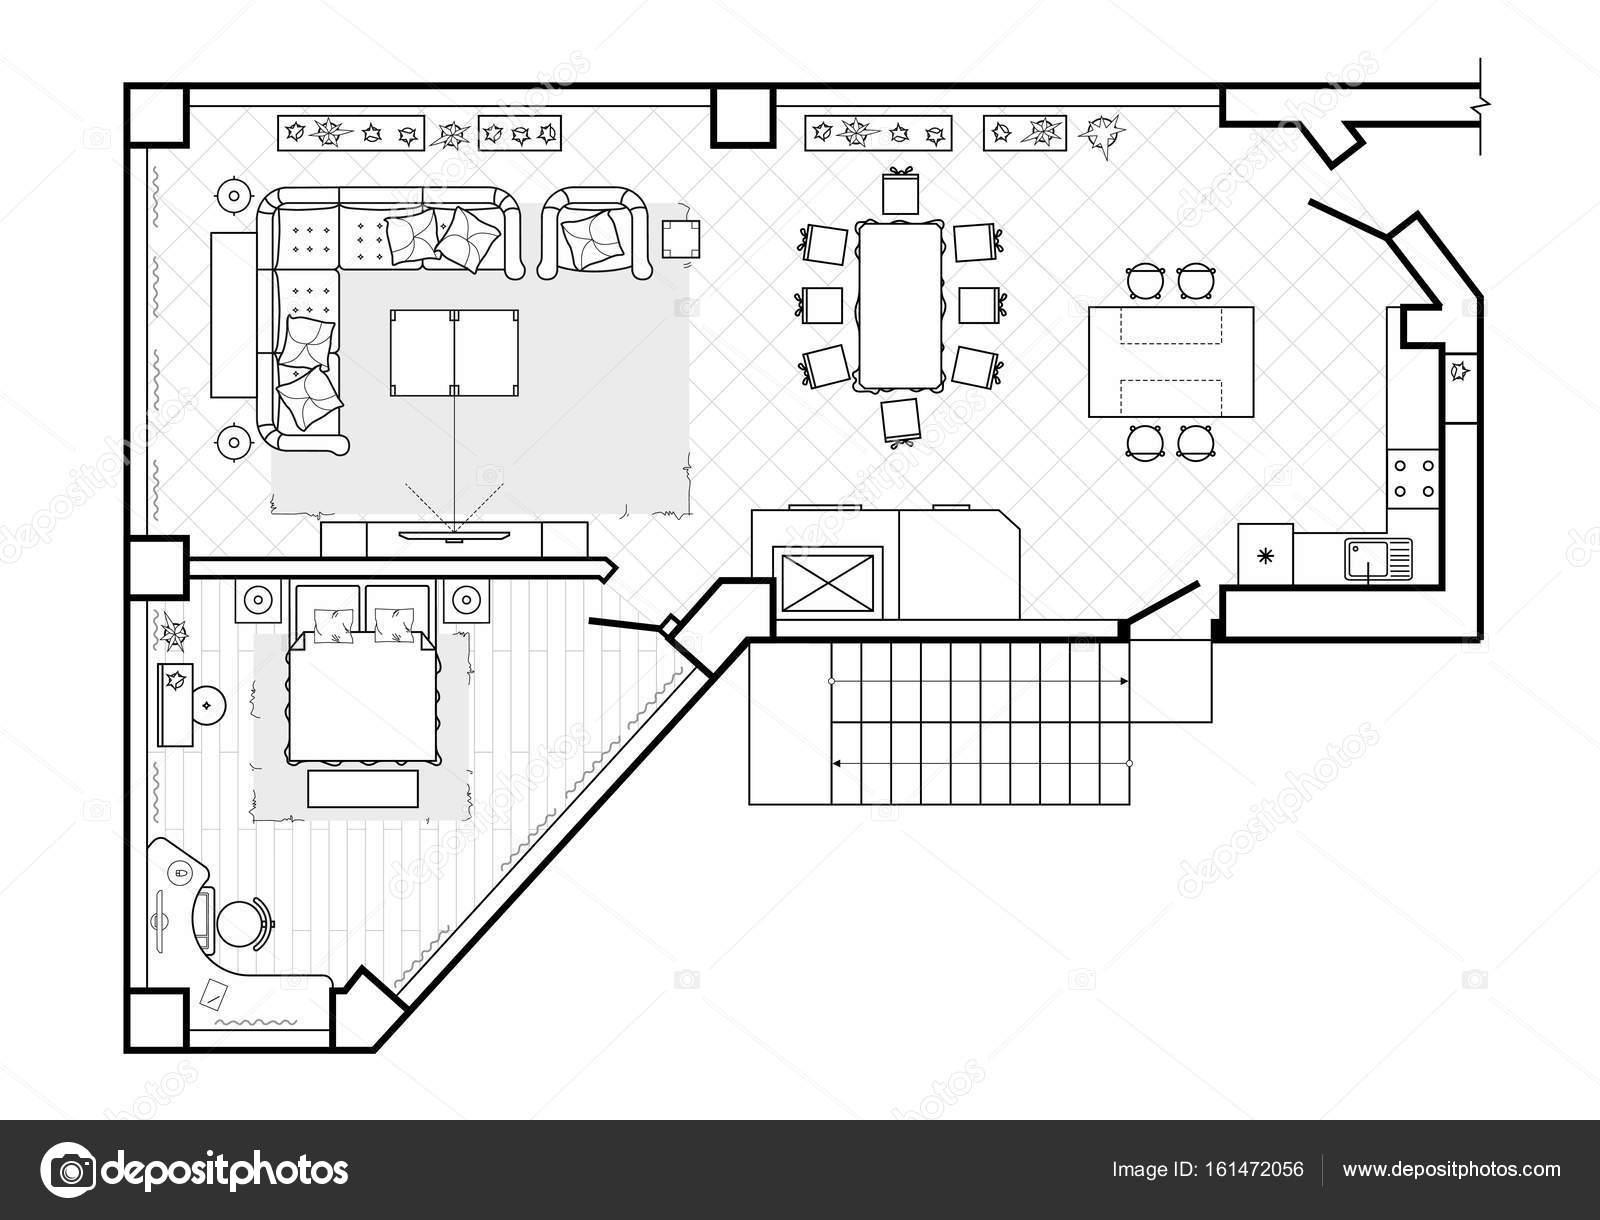 grundriss, ansicht von oben. die innenarchitektur-terrasse. das haus